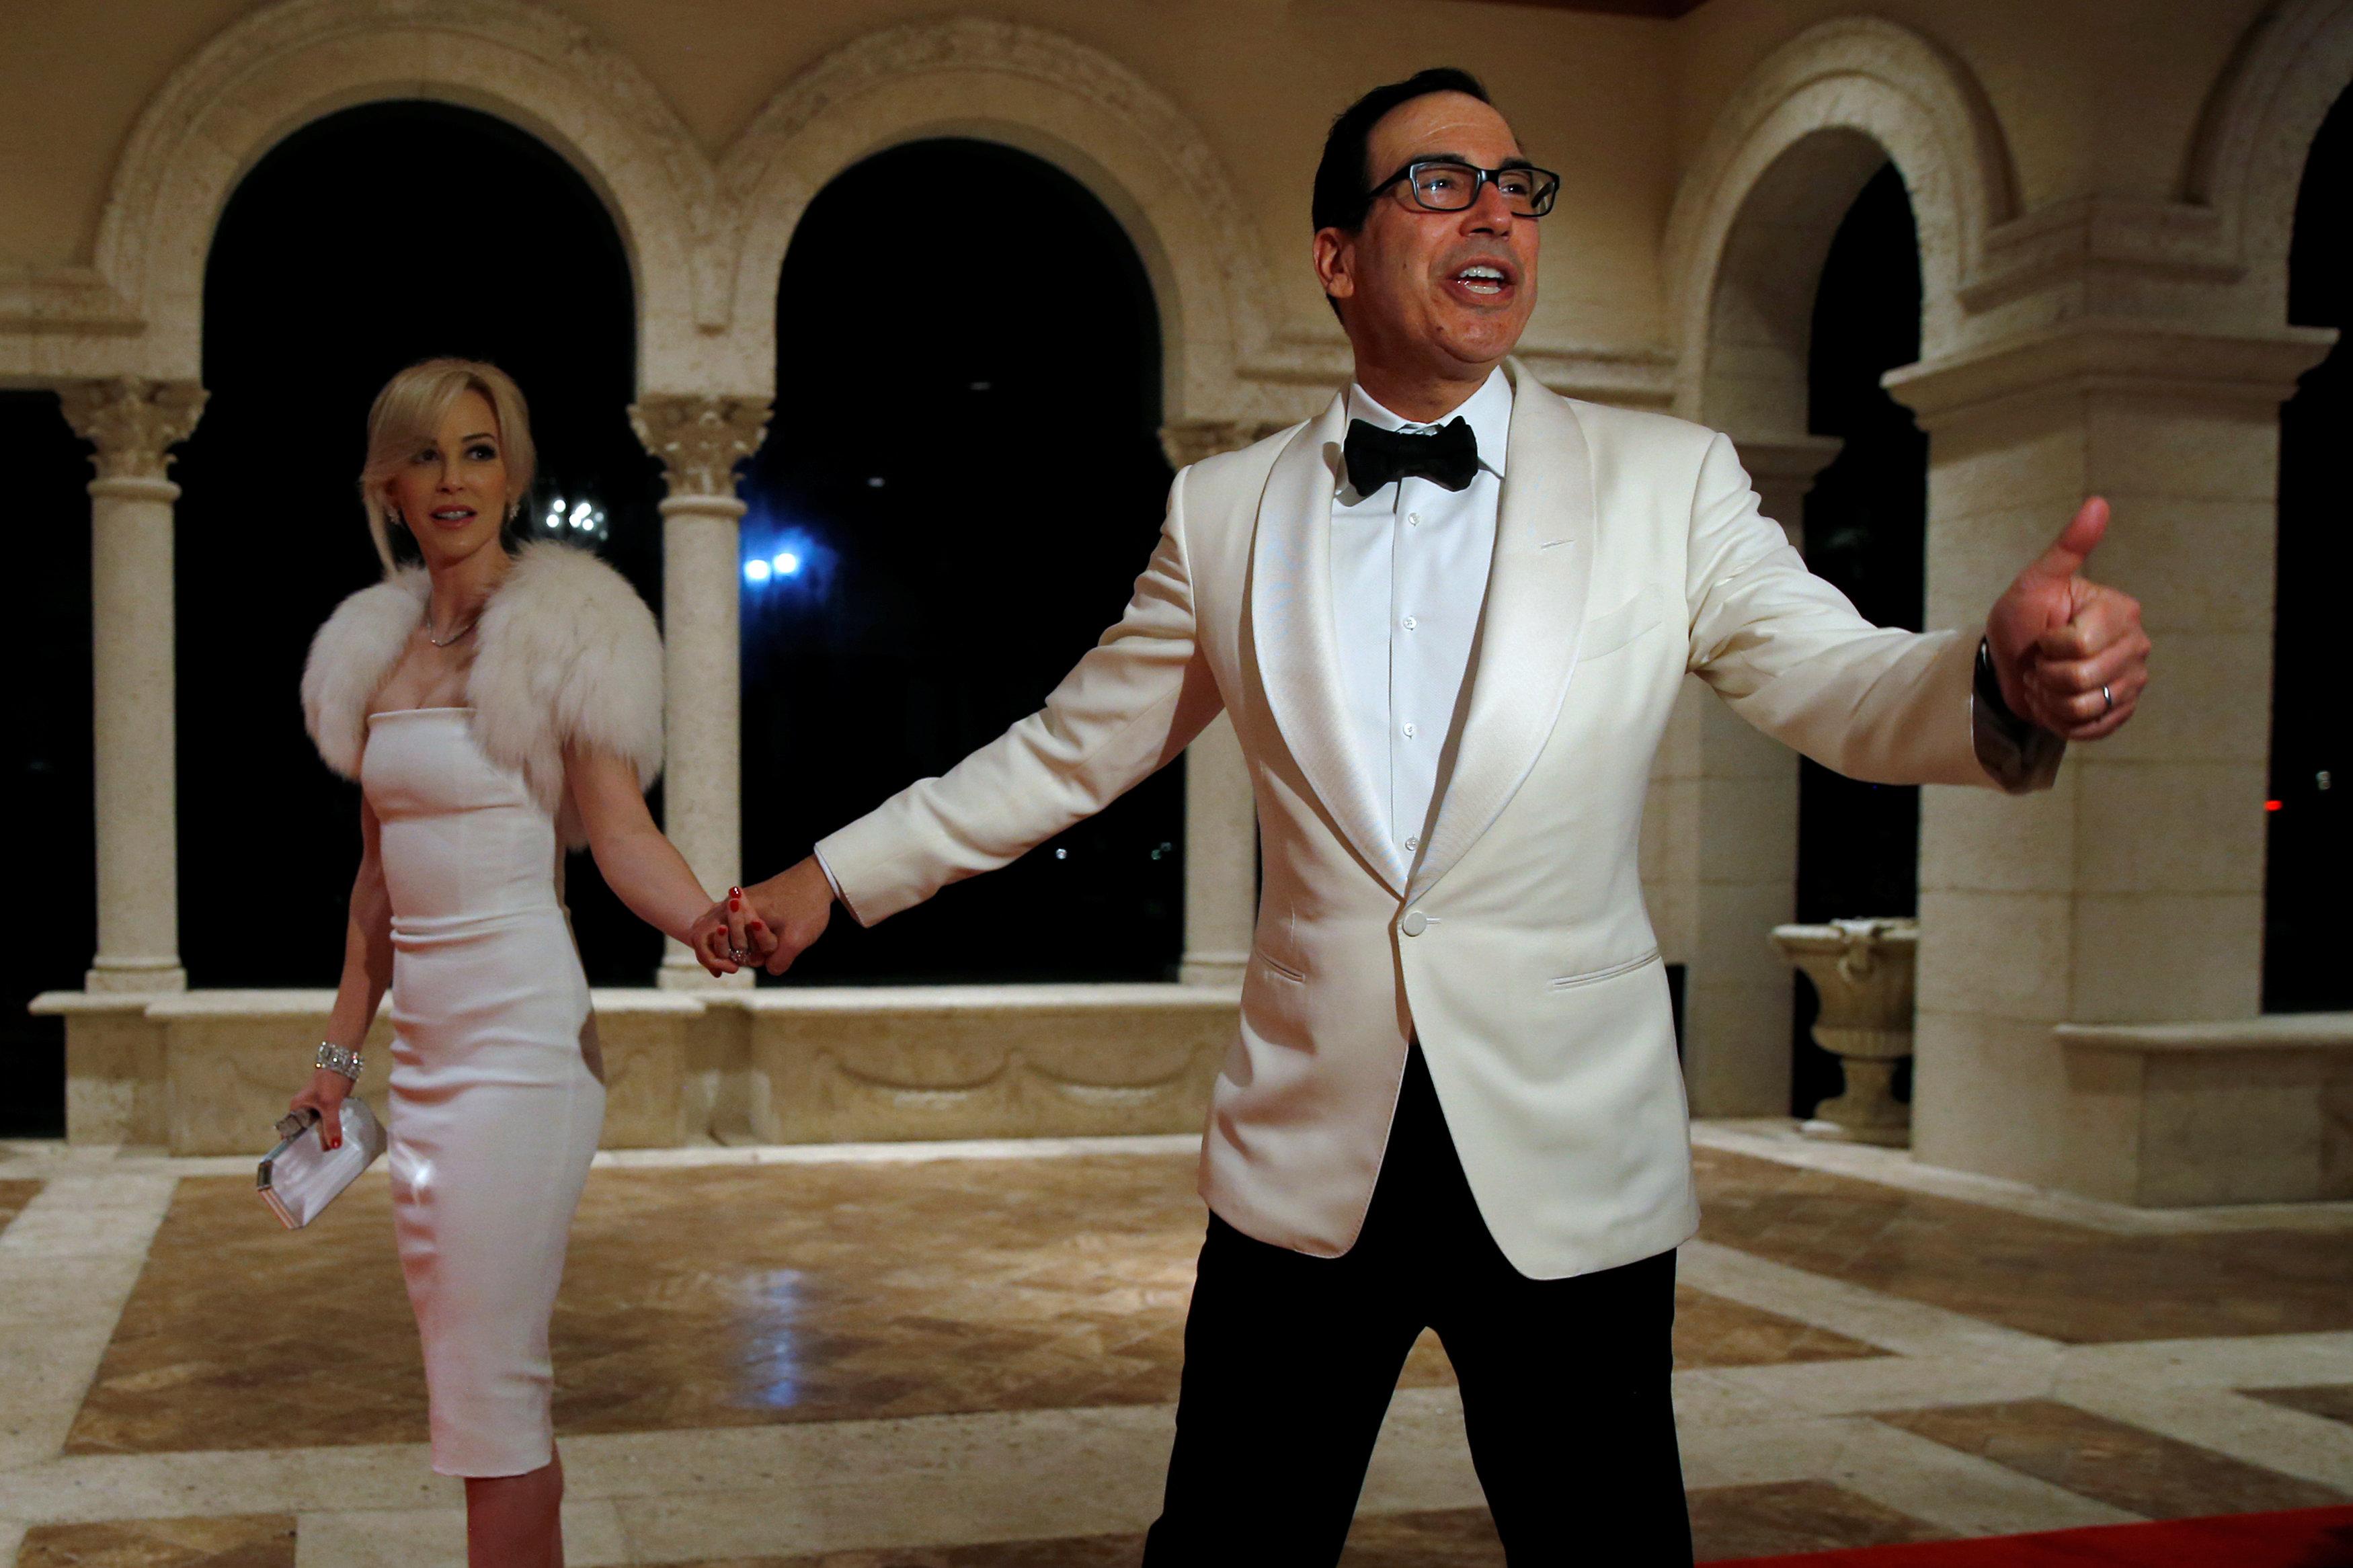 El Secretario del Tesoro Steven Mnuchin y su esposa Louise Linton (REUTERS/Jonathan Ernst)